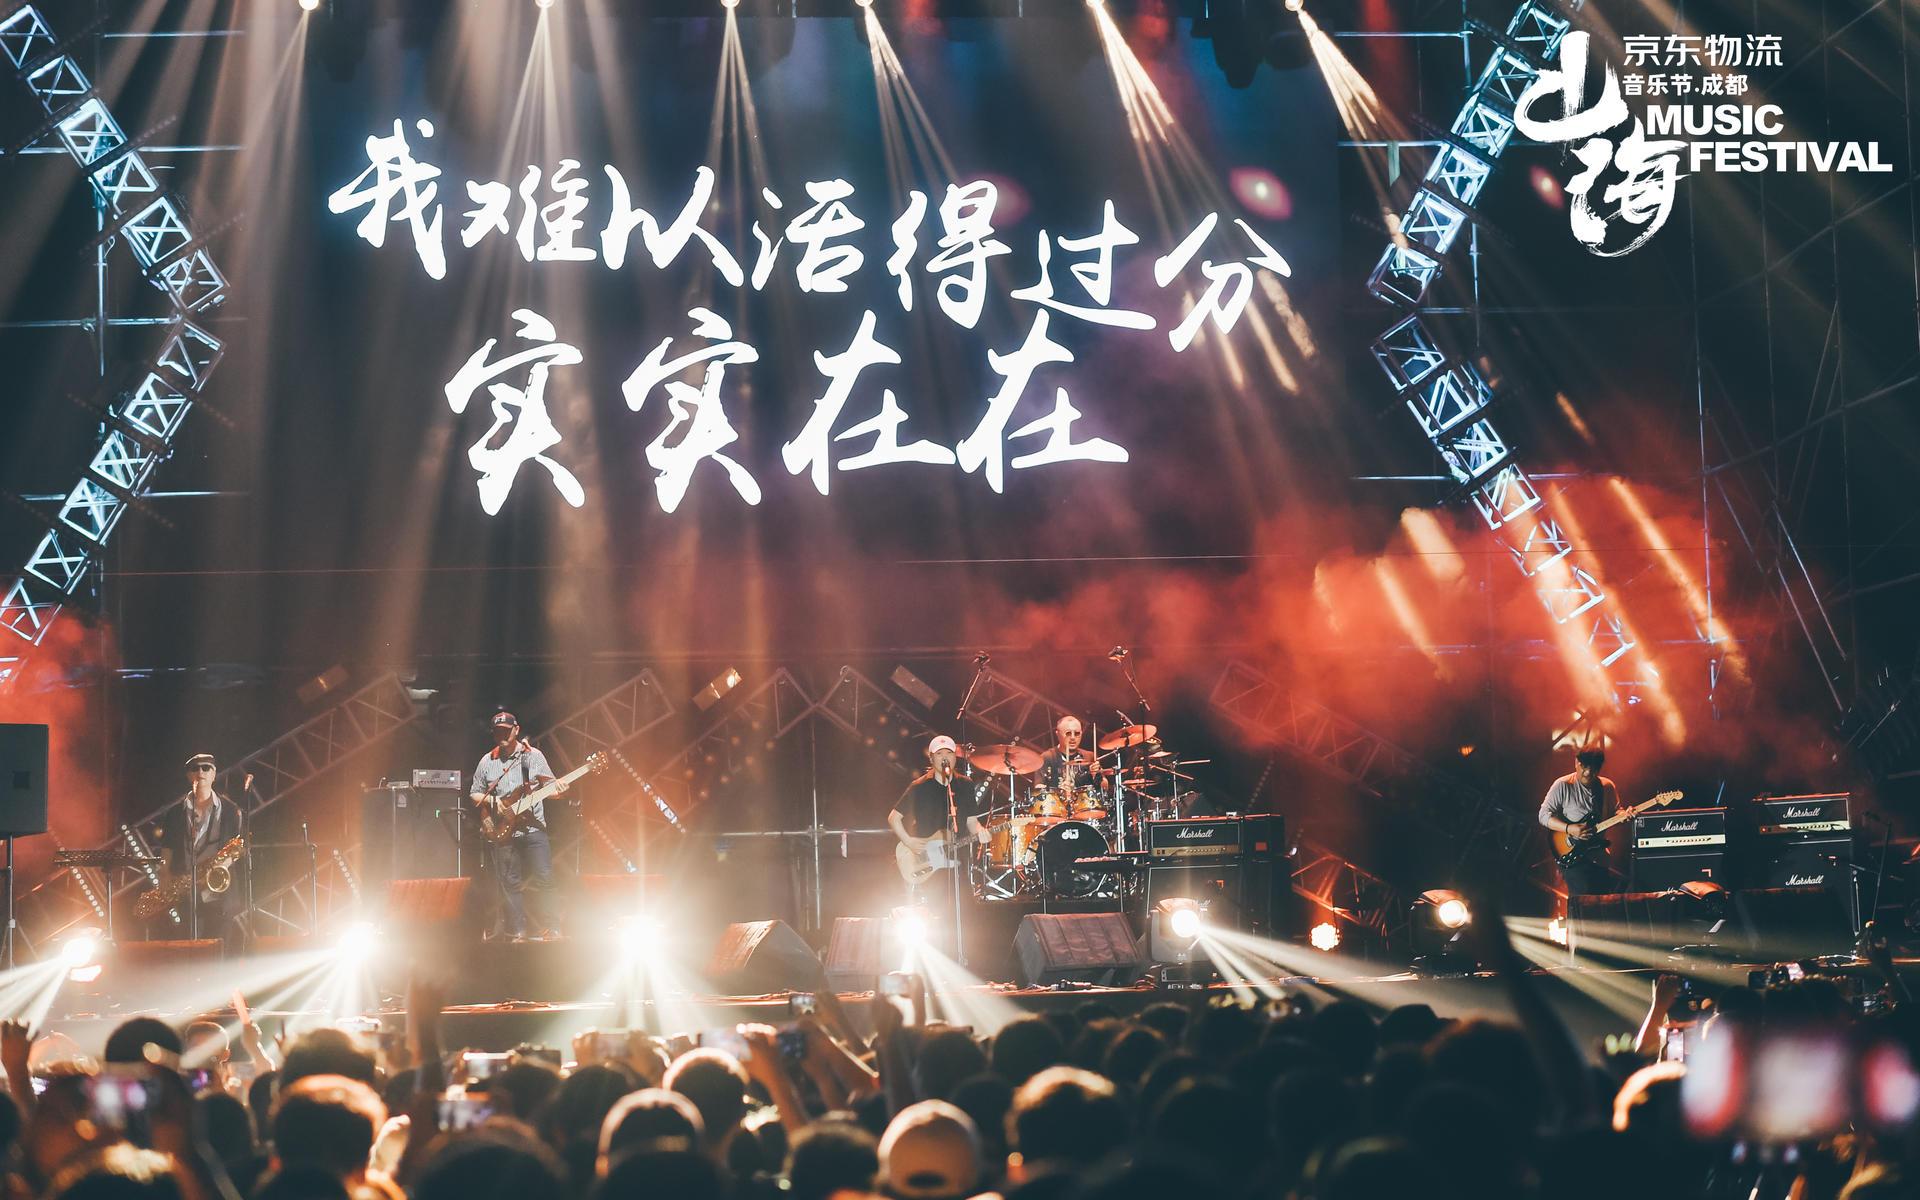 """""""爱乐振兴""""京东物流山海音乐节活动策划带来了震撼身心的音乐狂欢"""